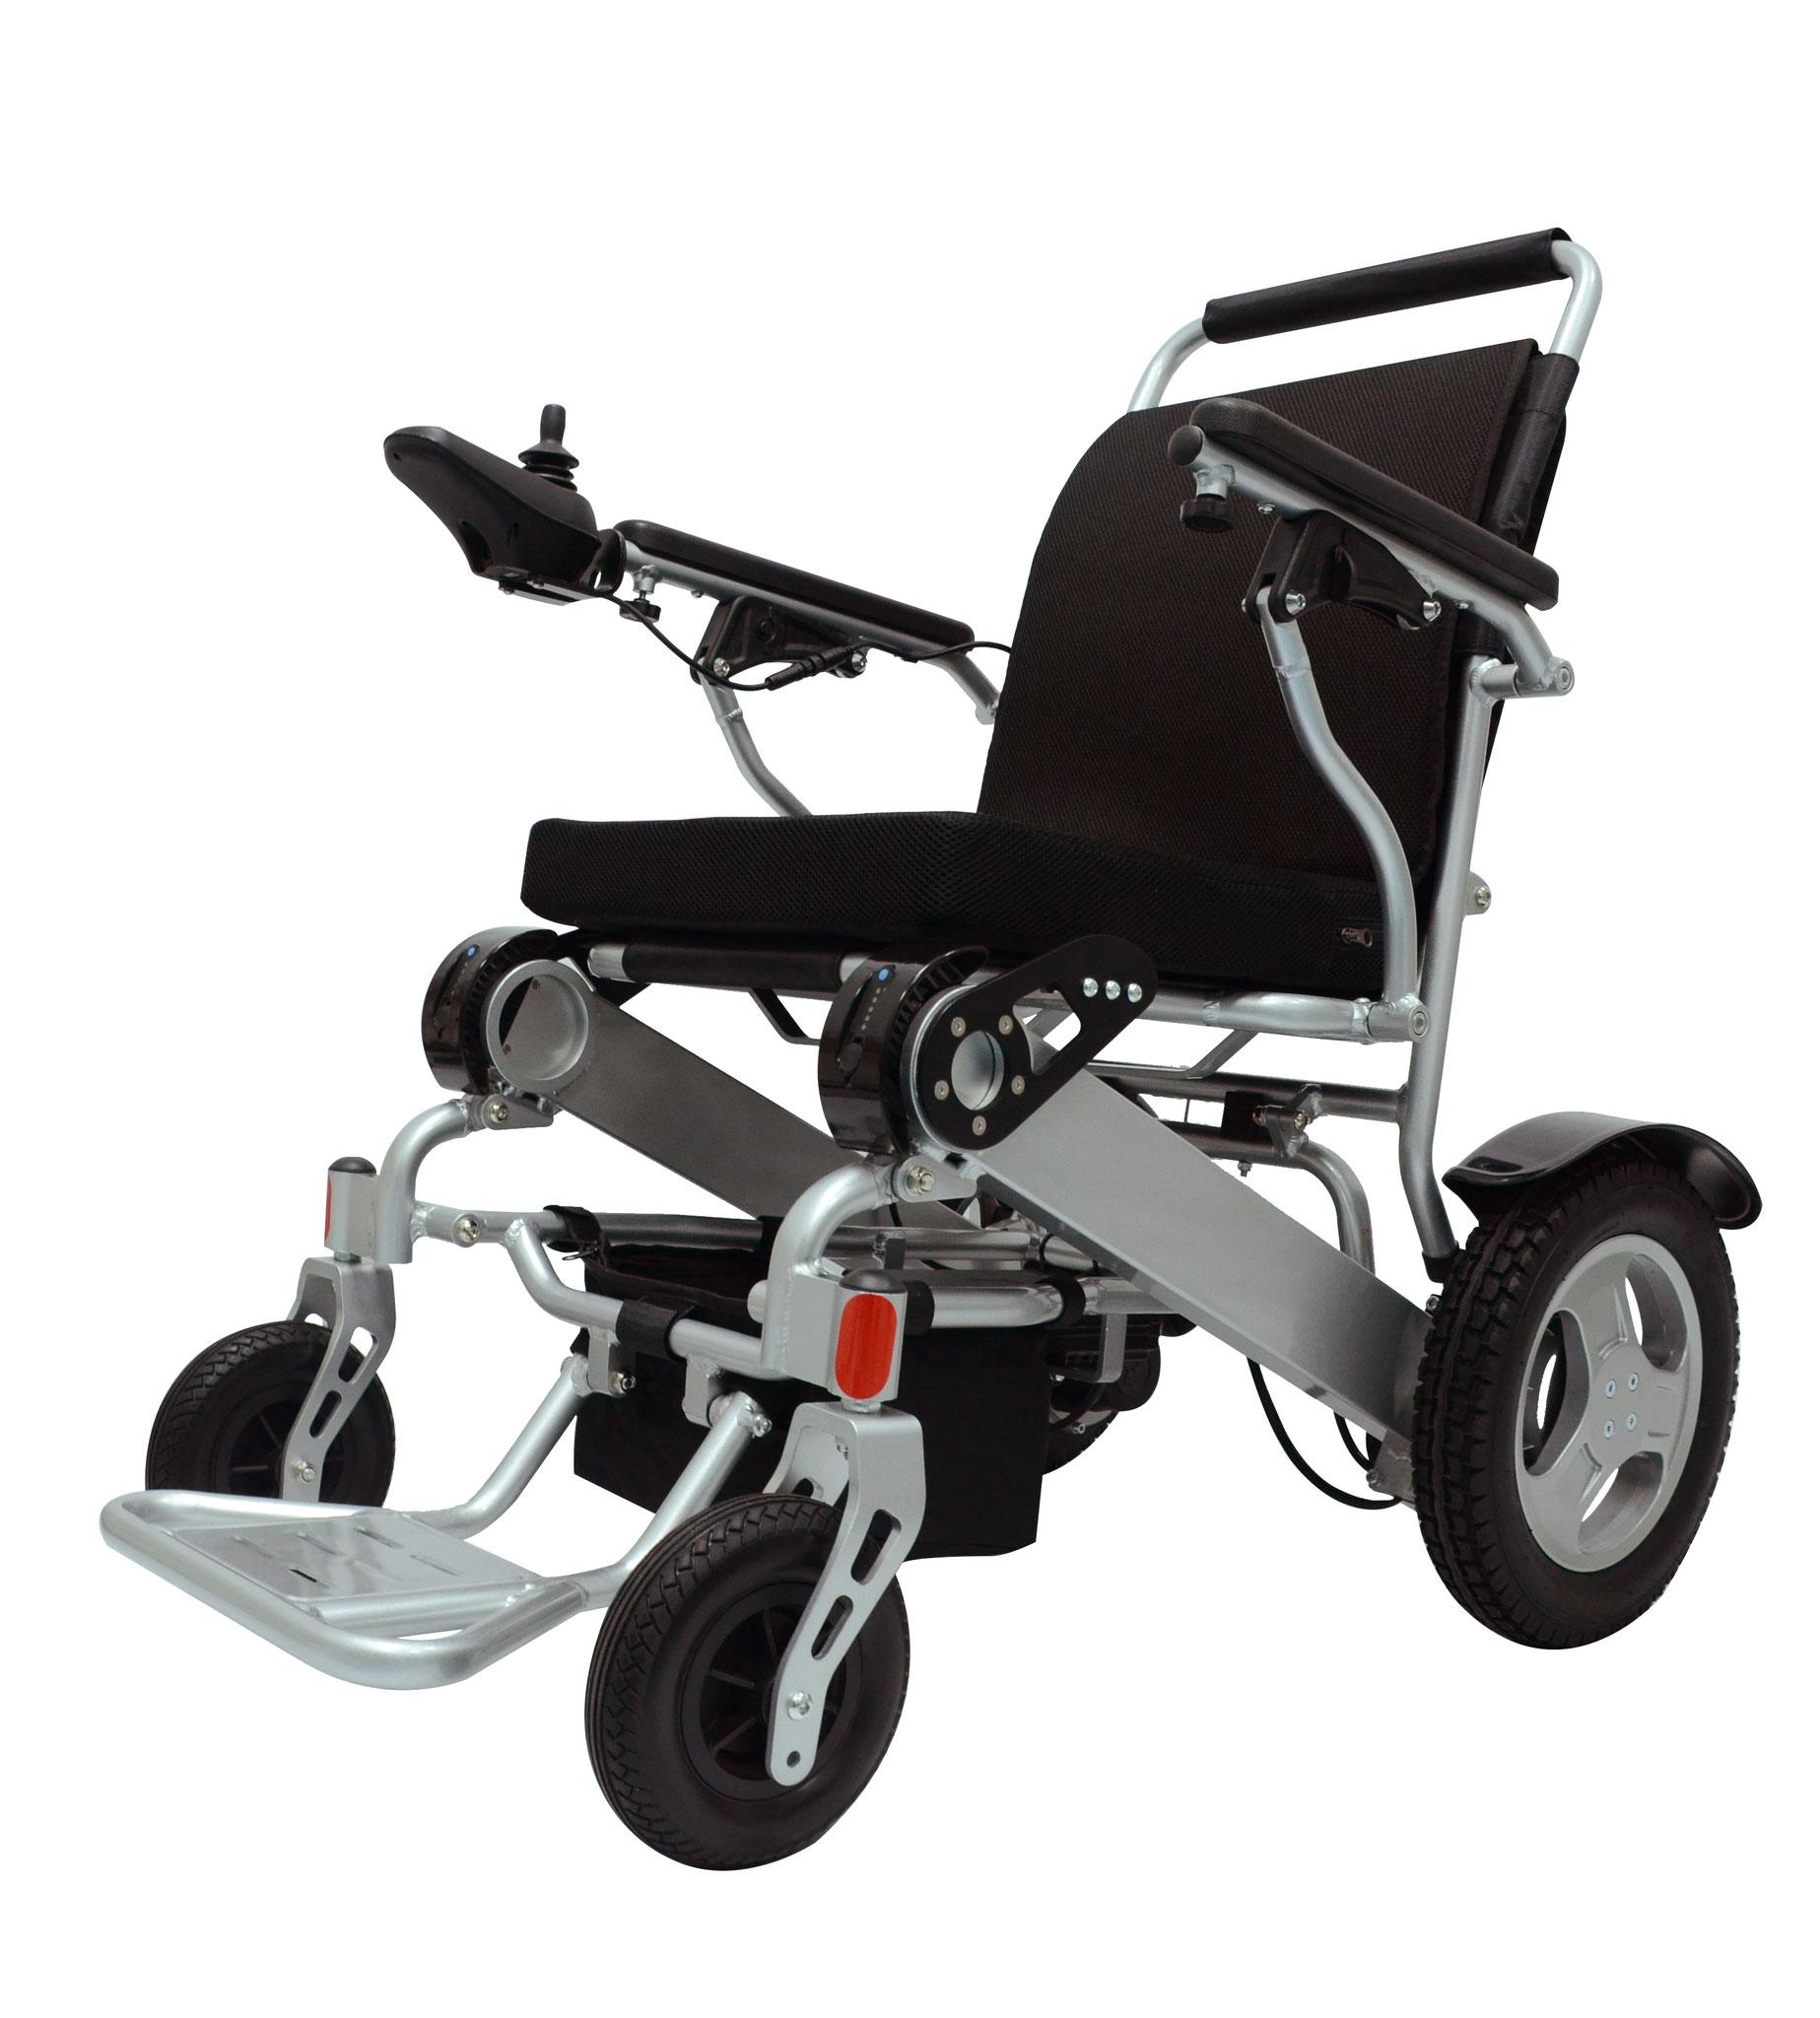 Der E-Rollstuhl ERGOFLIX® L von JBH wiegt 23,5 kg (26,5 kg mit Batterie). Das Material ist trotzdem so robust, dass Personen mit einem Gewicht von bis zu 160kg in den Genuss neuer Mobilität kommen können.